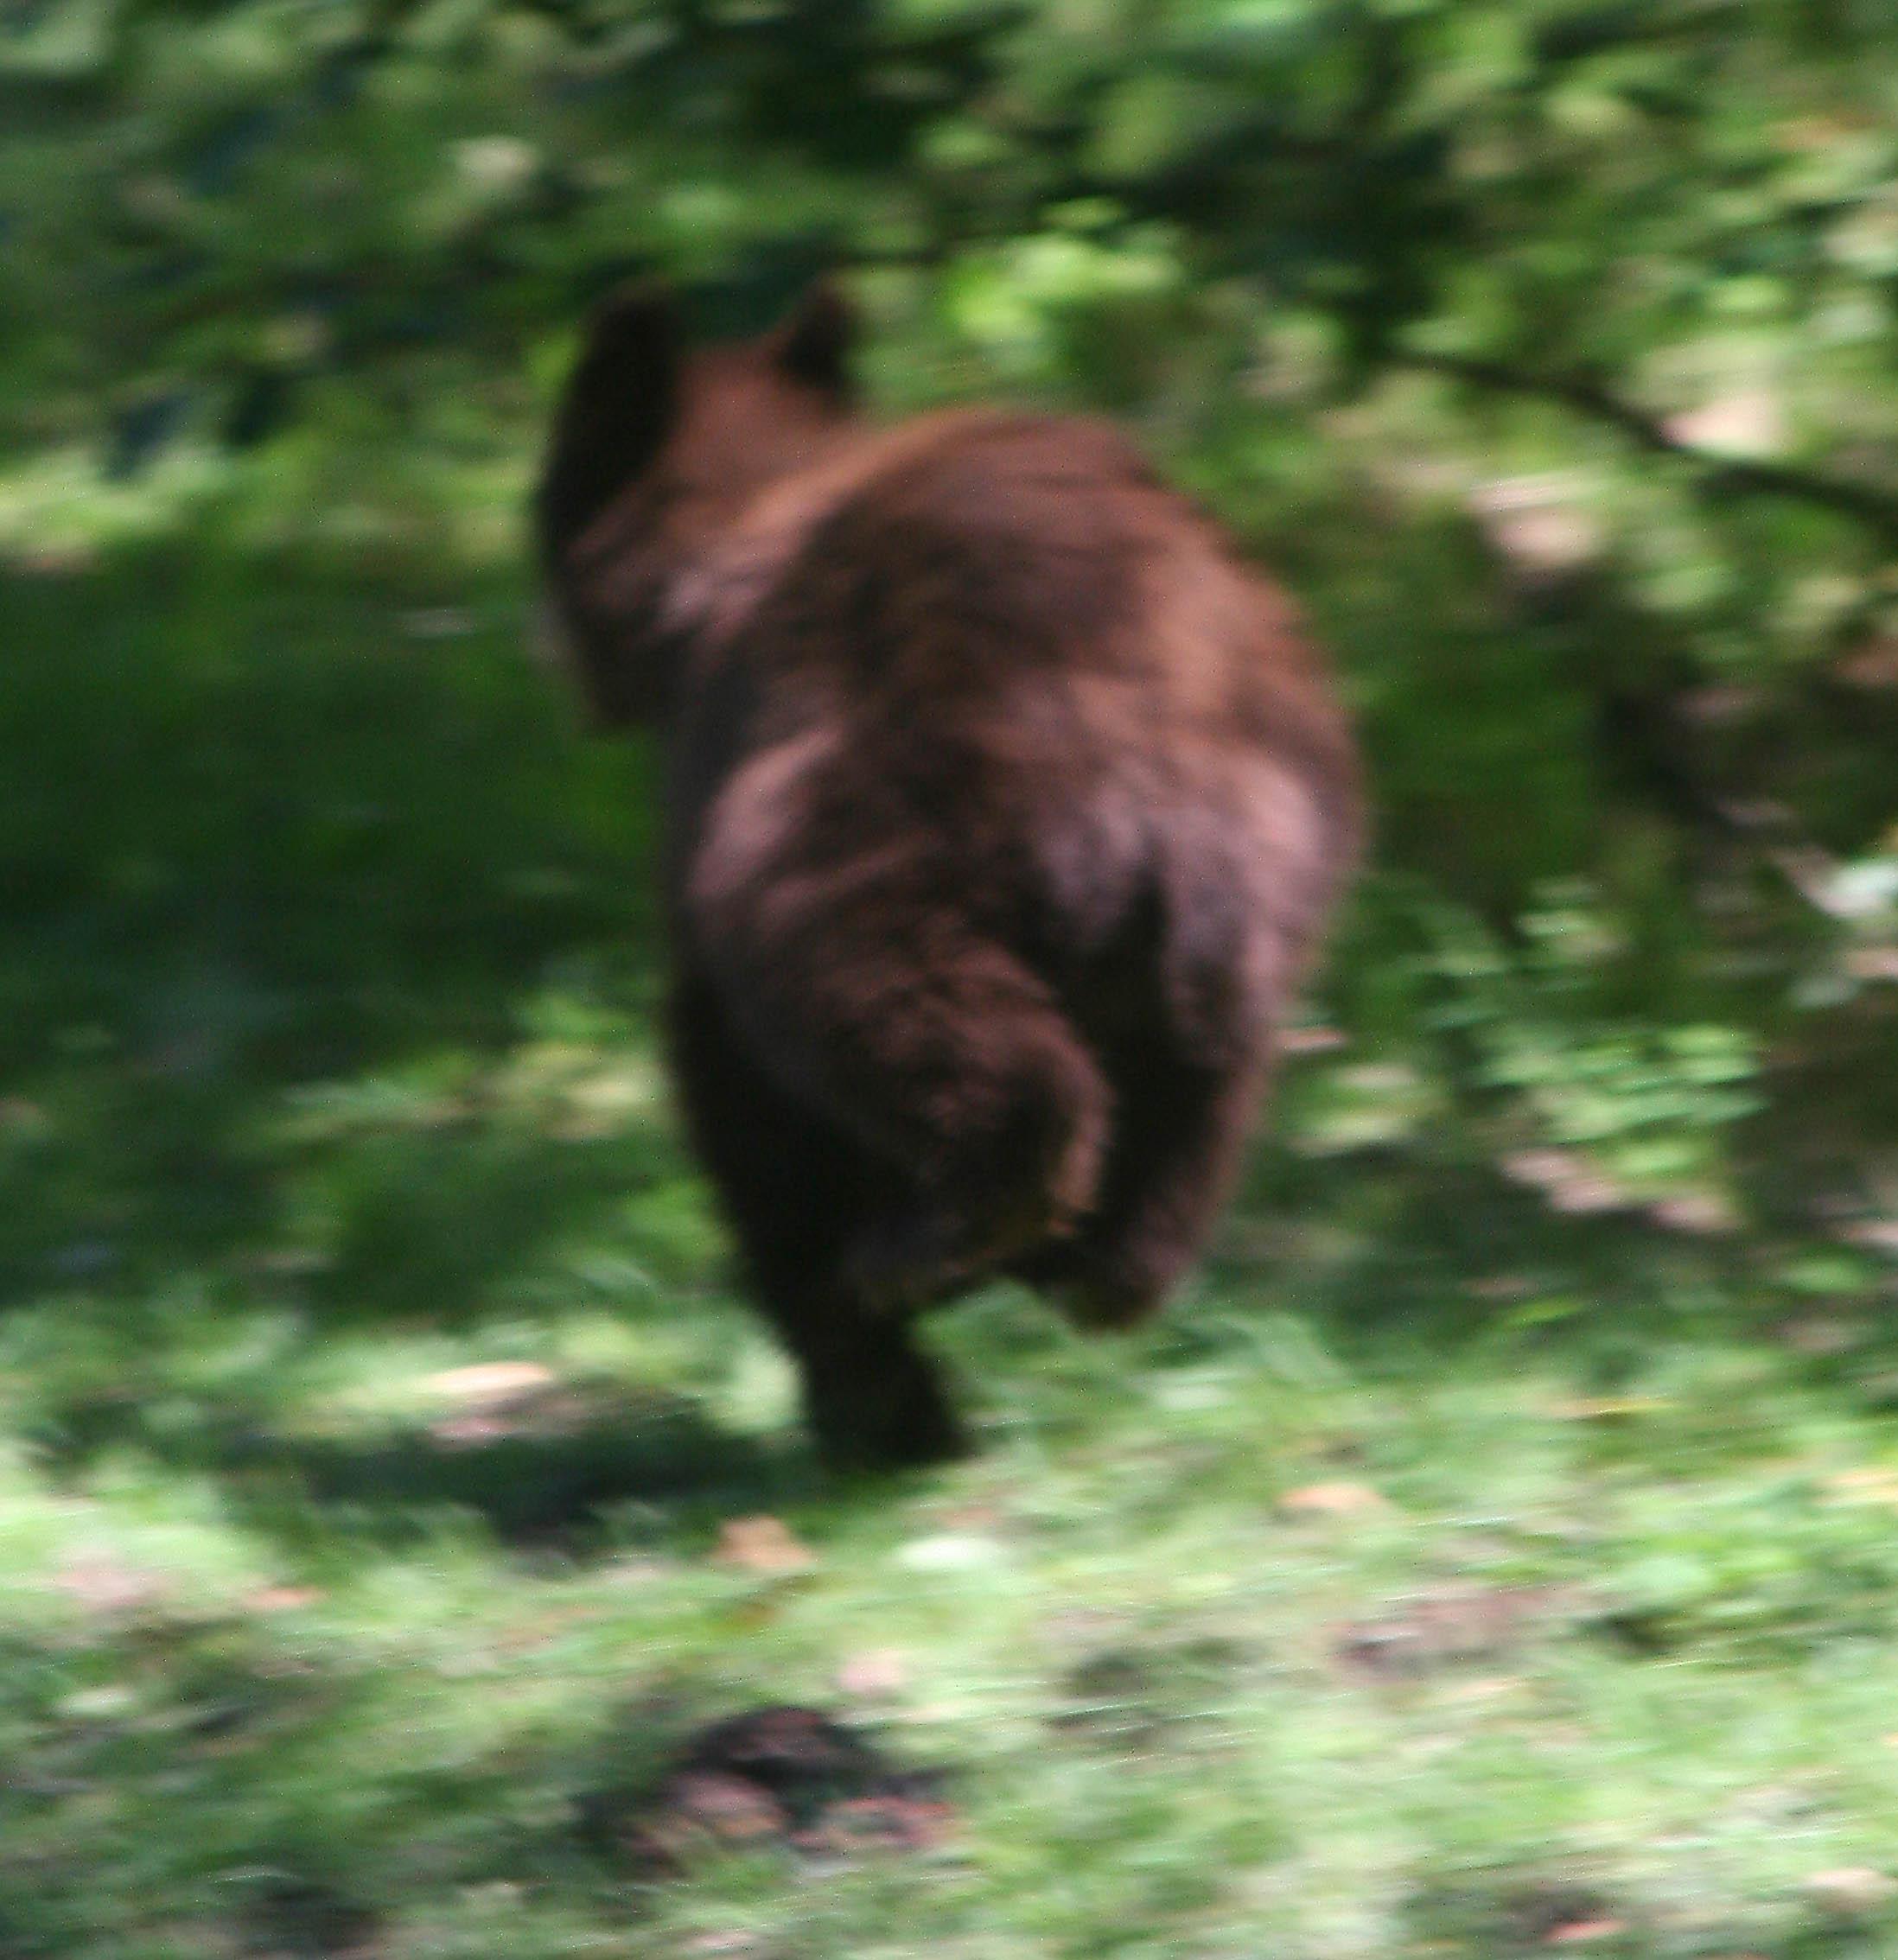 8-10 bear running